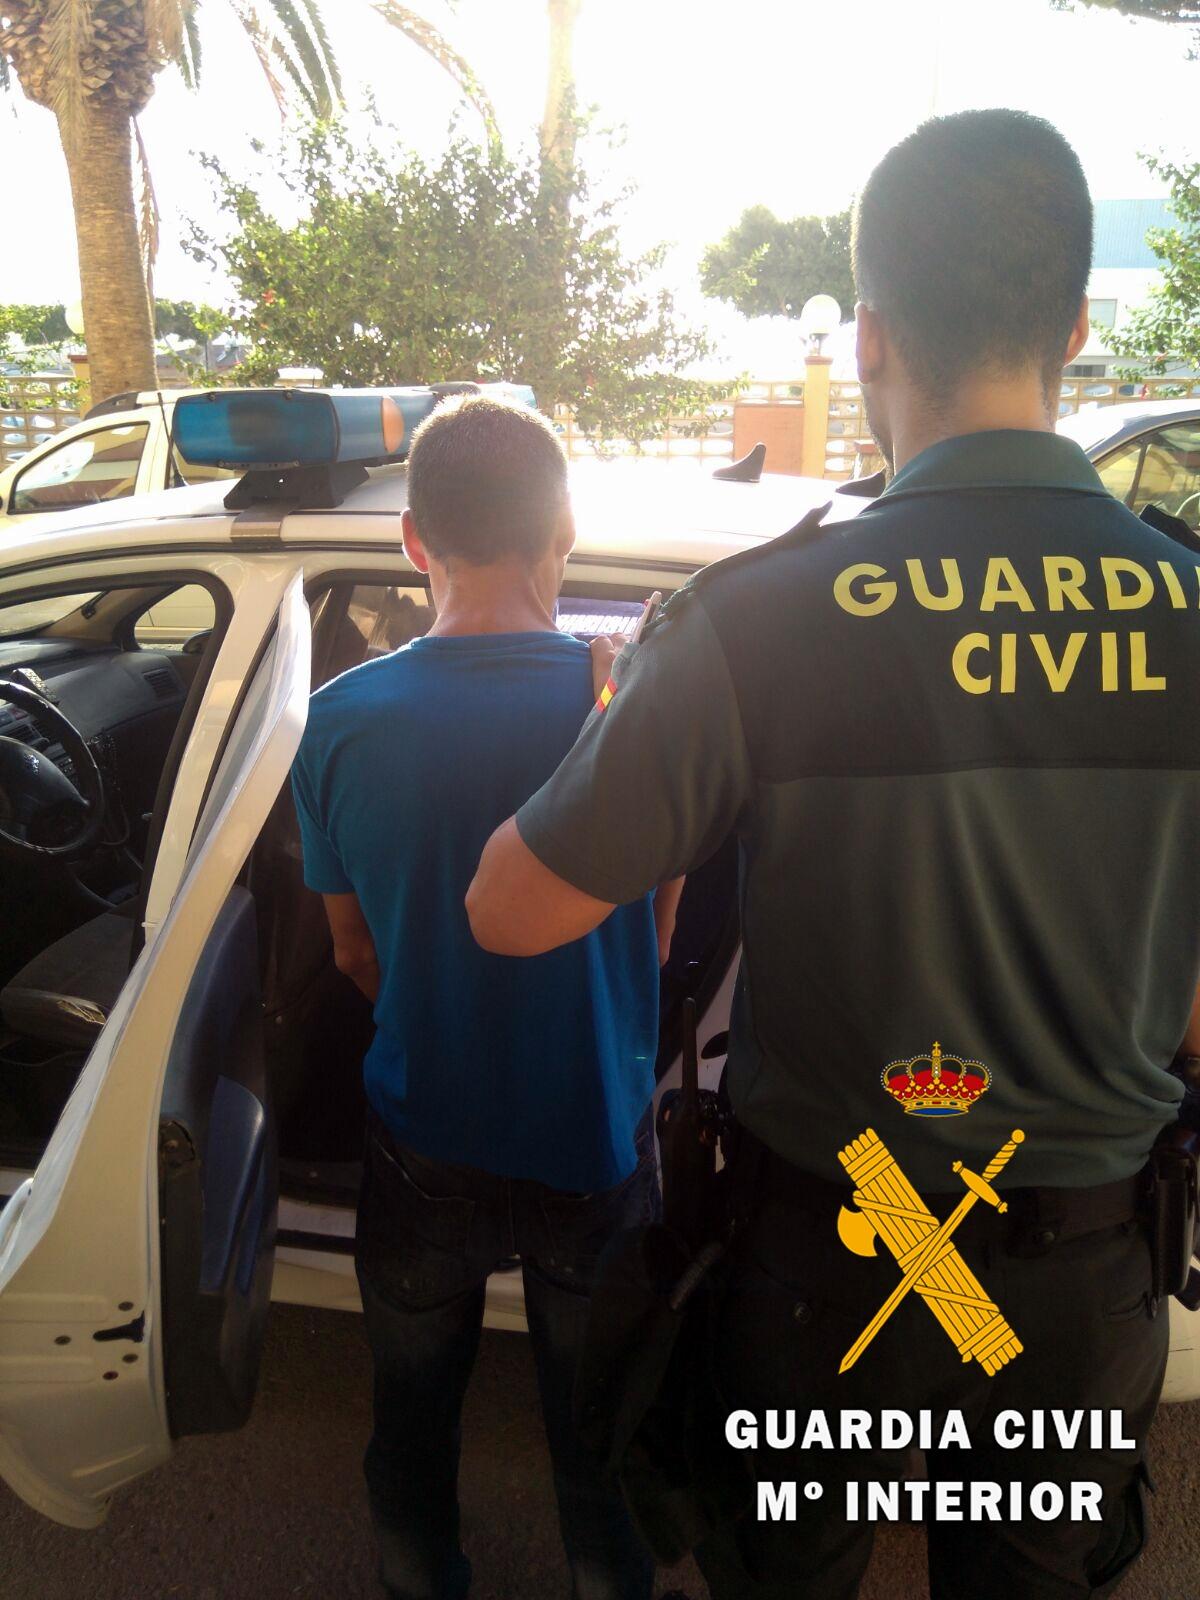 La Guardia Civil detiene a un vecino de Adra que portaba una tableta de hachís y que pateó a los agentes